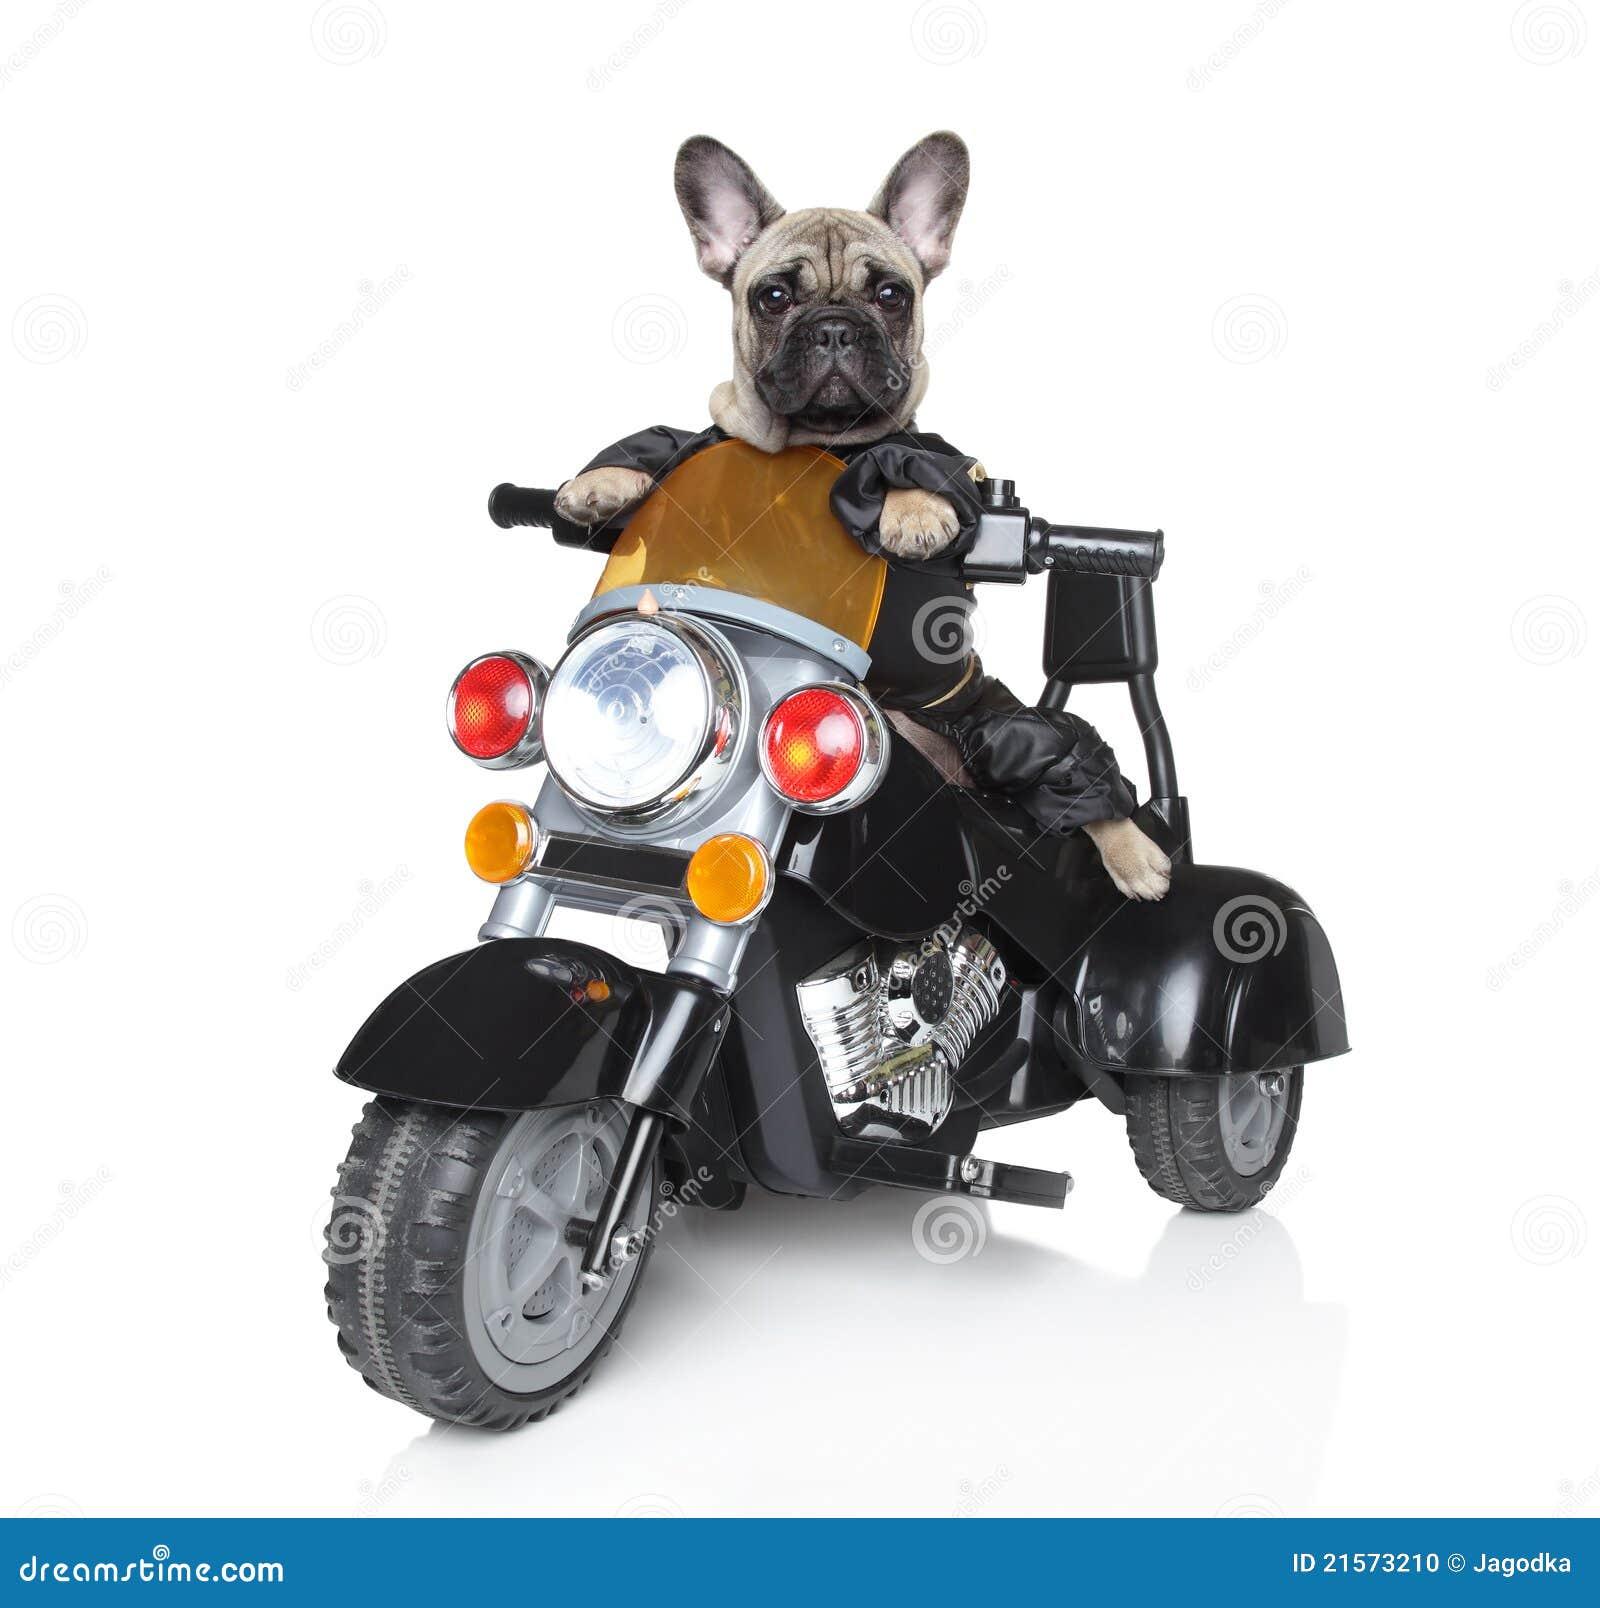 Big Dog In Helmet